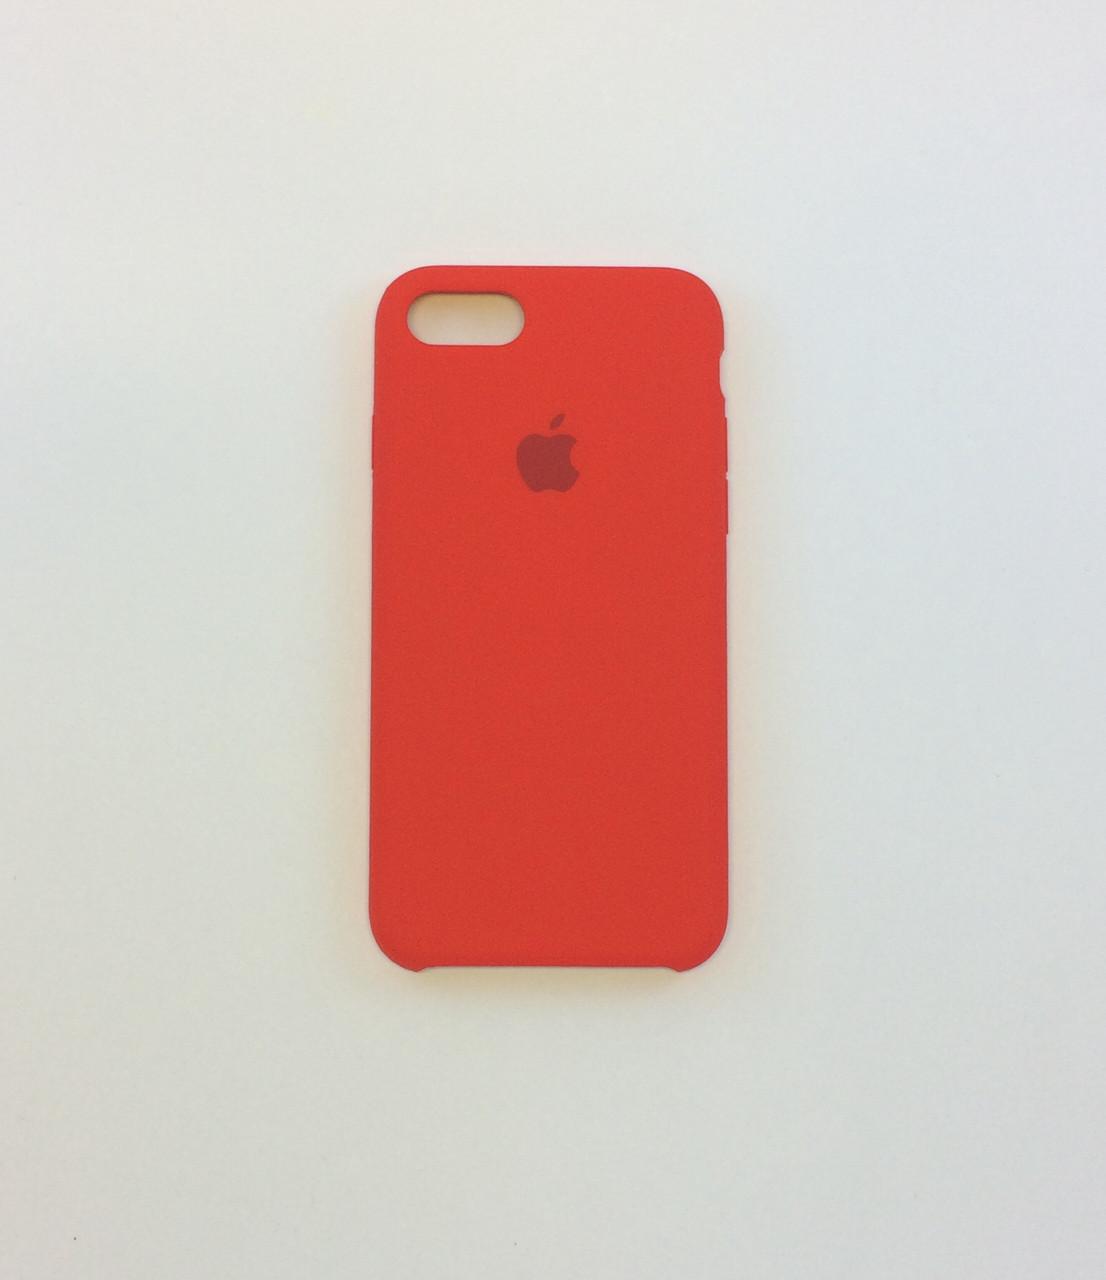 Силиконовый чехол для iPhone 7, - «темно терракотовый» - copy original